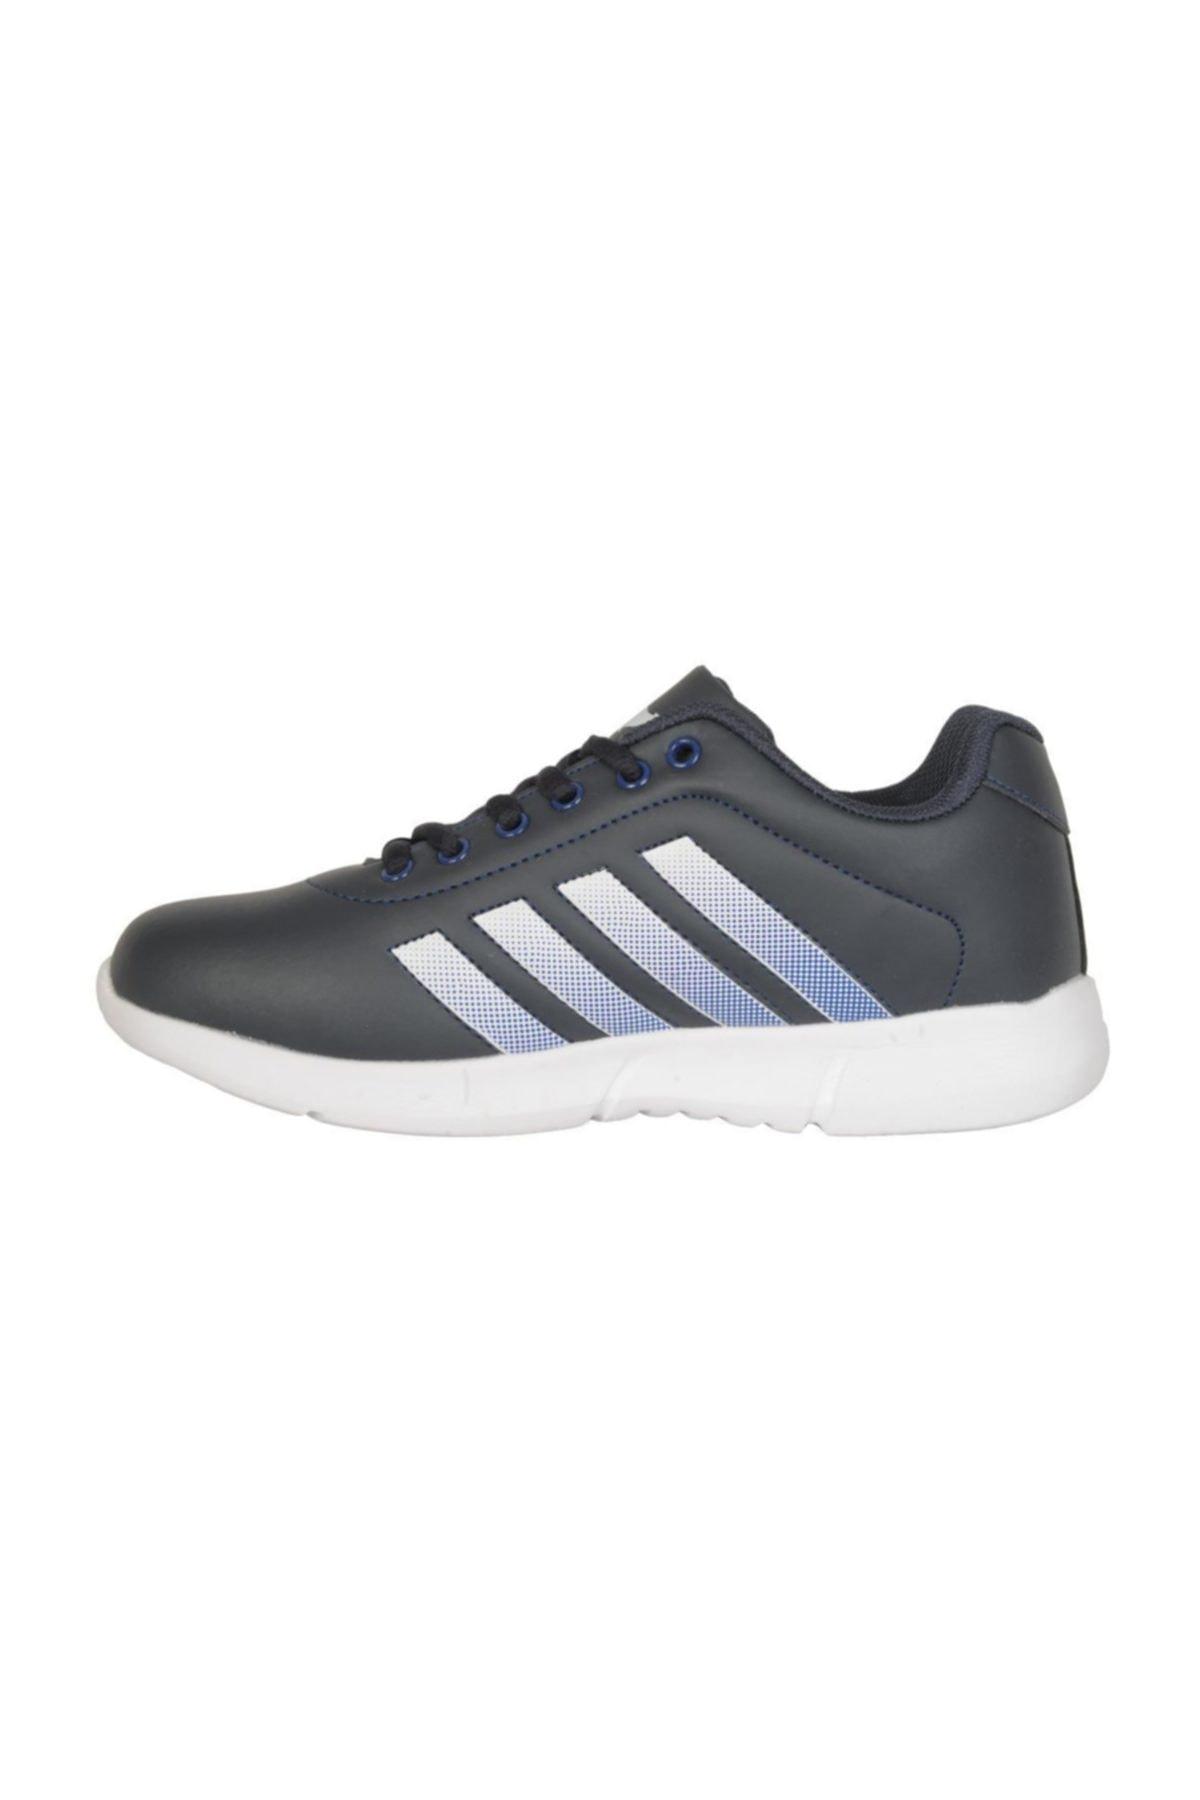 Cheta Lacivert Günlük Yürüyüş Bayan Spor Ayakkabı C047 1